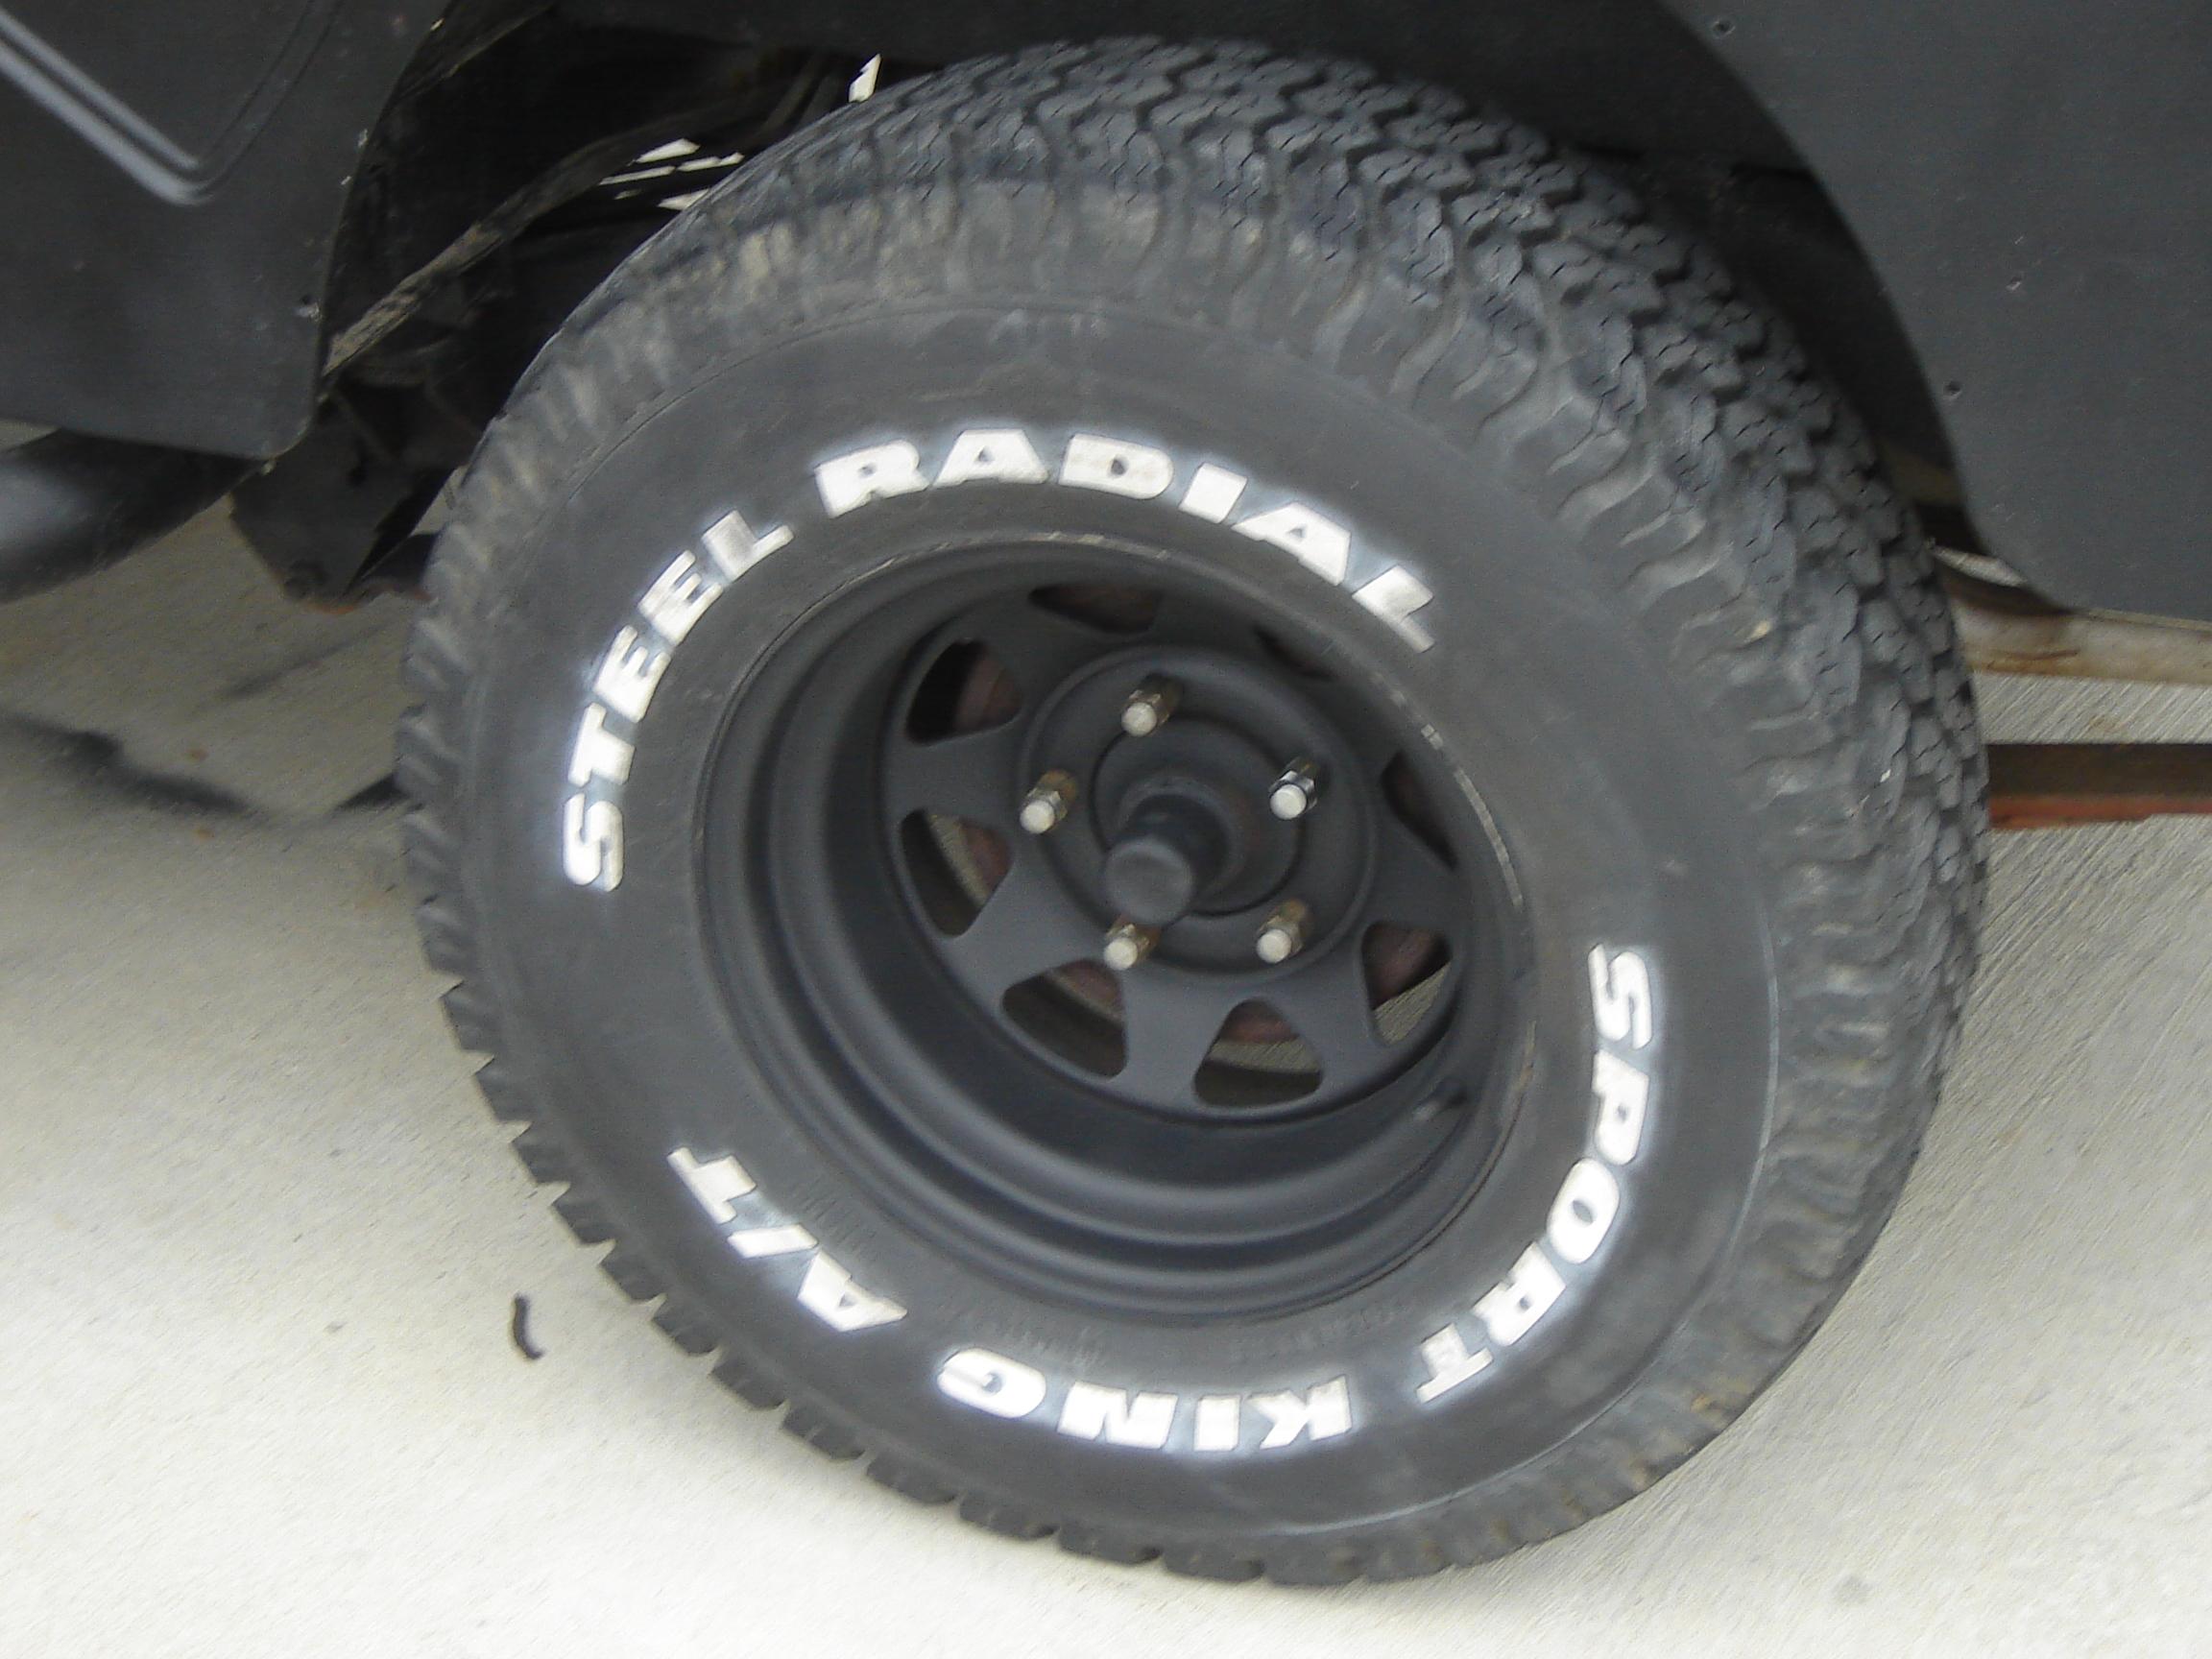 Jeep_painted_wheel_004.jpg